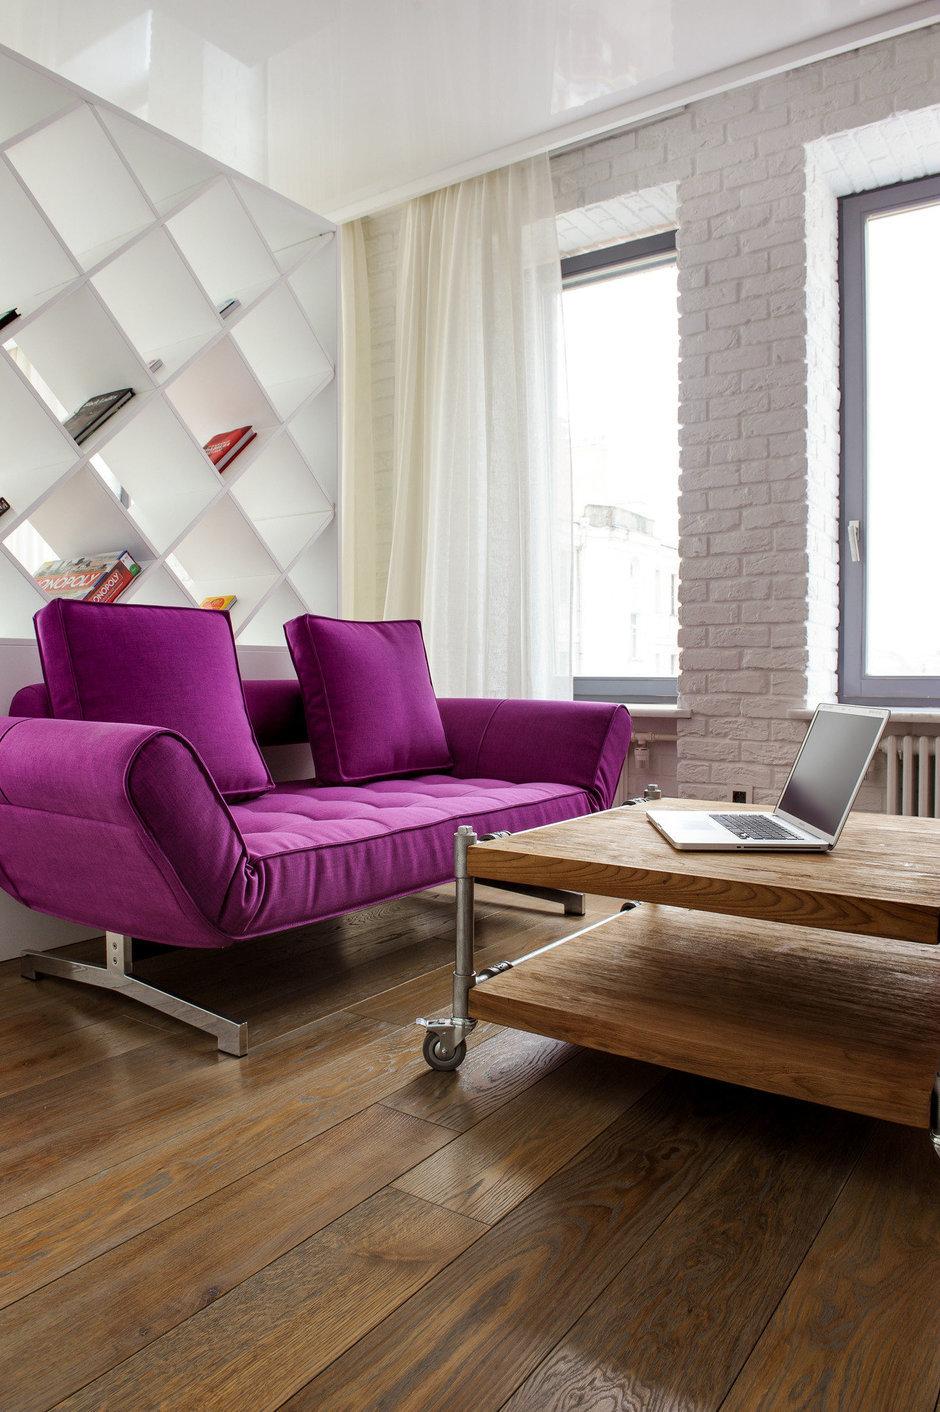 Фотография: Гостиная в стиле Лофт, Квартира, Дома и квартиры, Проект недели, Поп-арт – фото на InMyRoom.ru